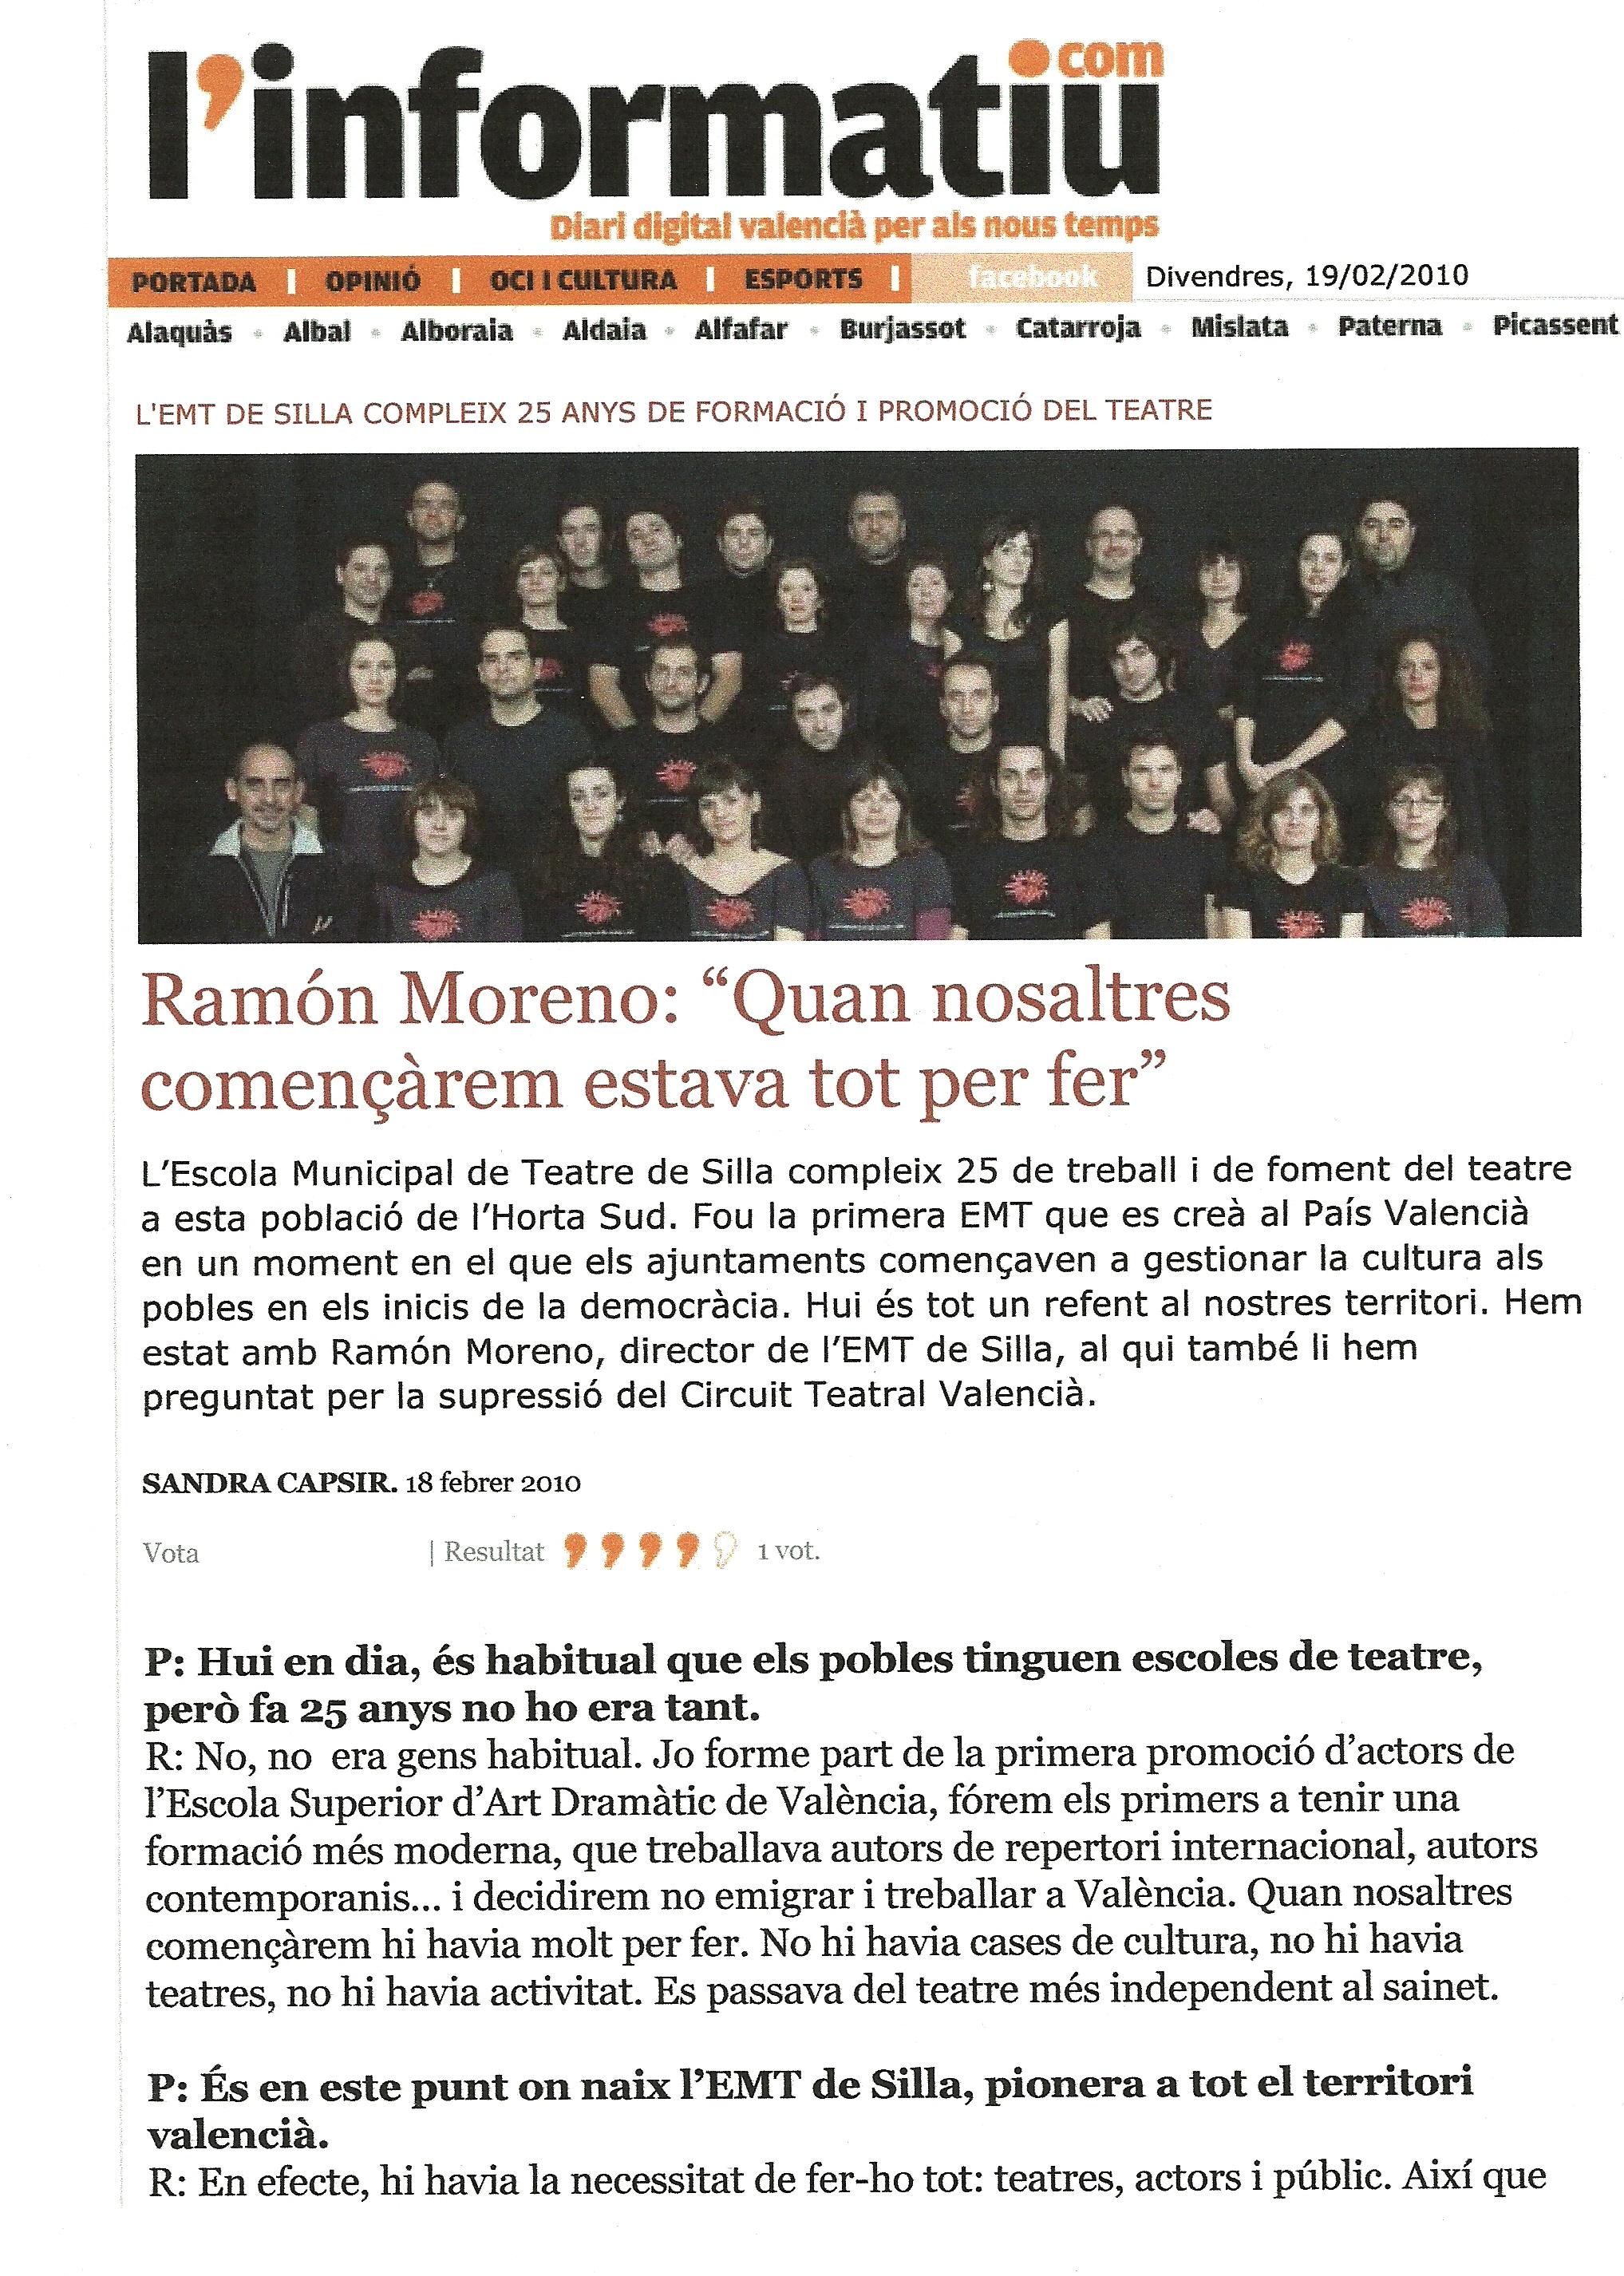 2010 Entrevista en L'Informatiu.com 1